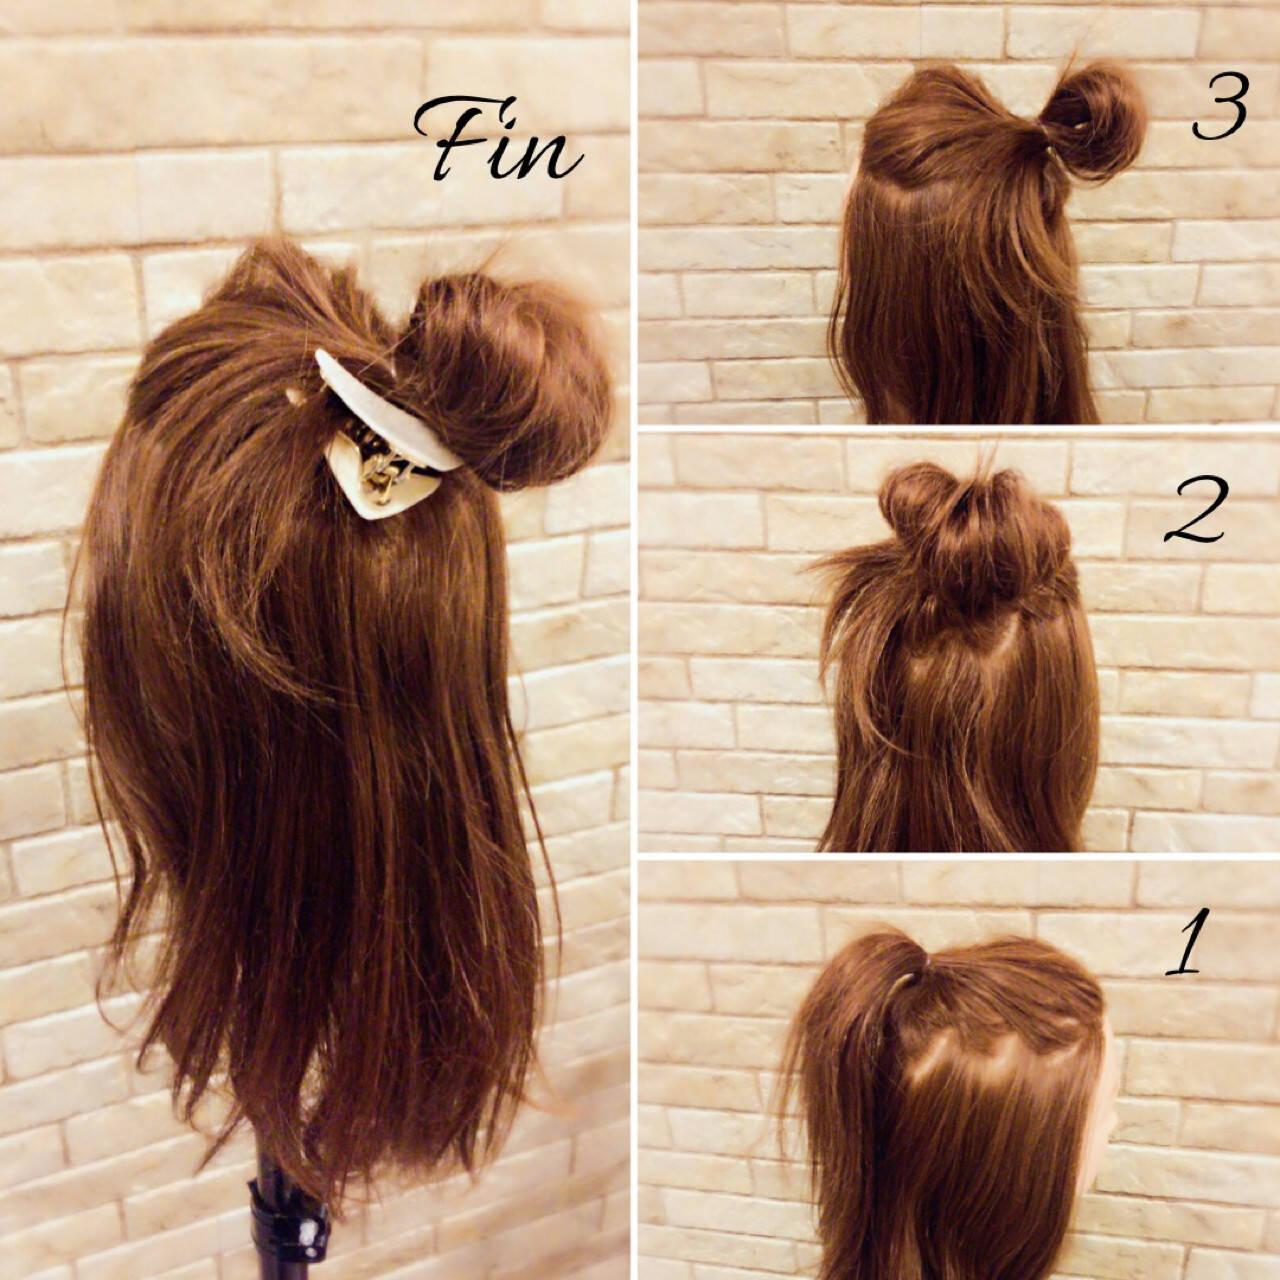 ヘアアレンジ 三角クリップ 簡単ヘアアレンジ ミディアムヘアスタイルや髪型の写真・画像